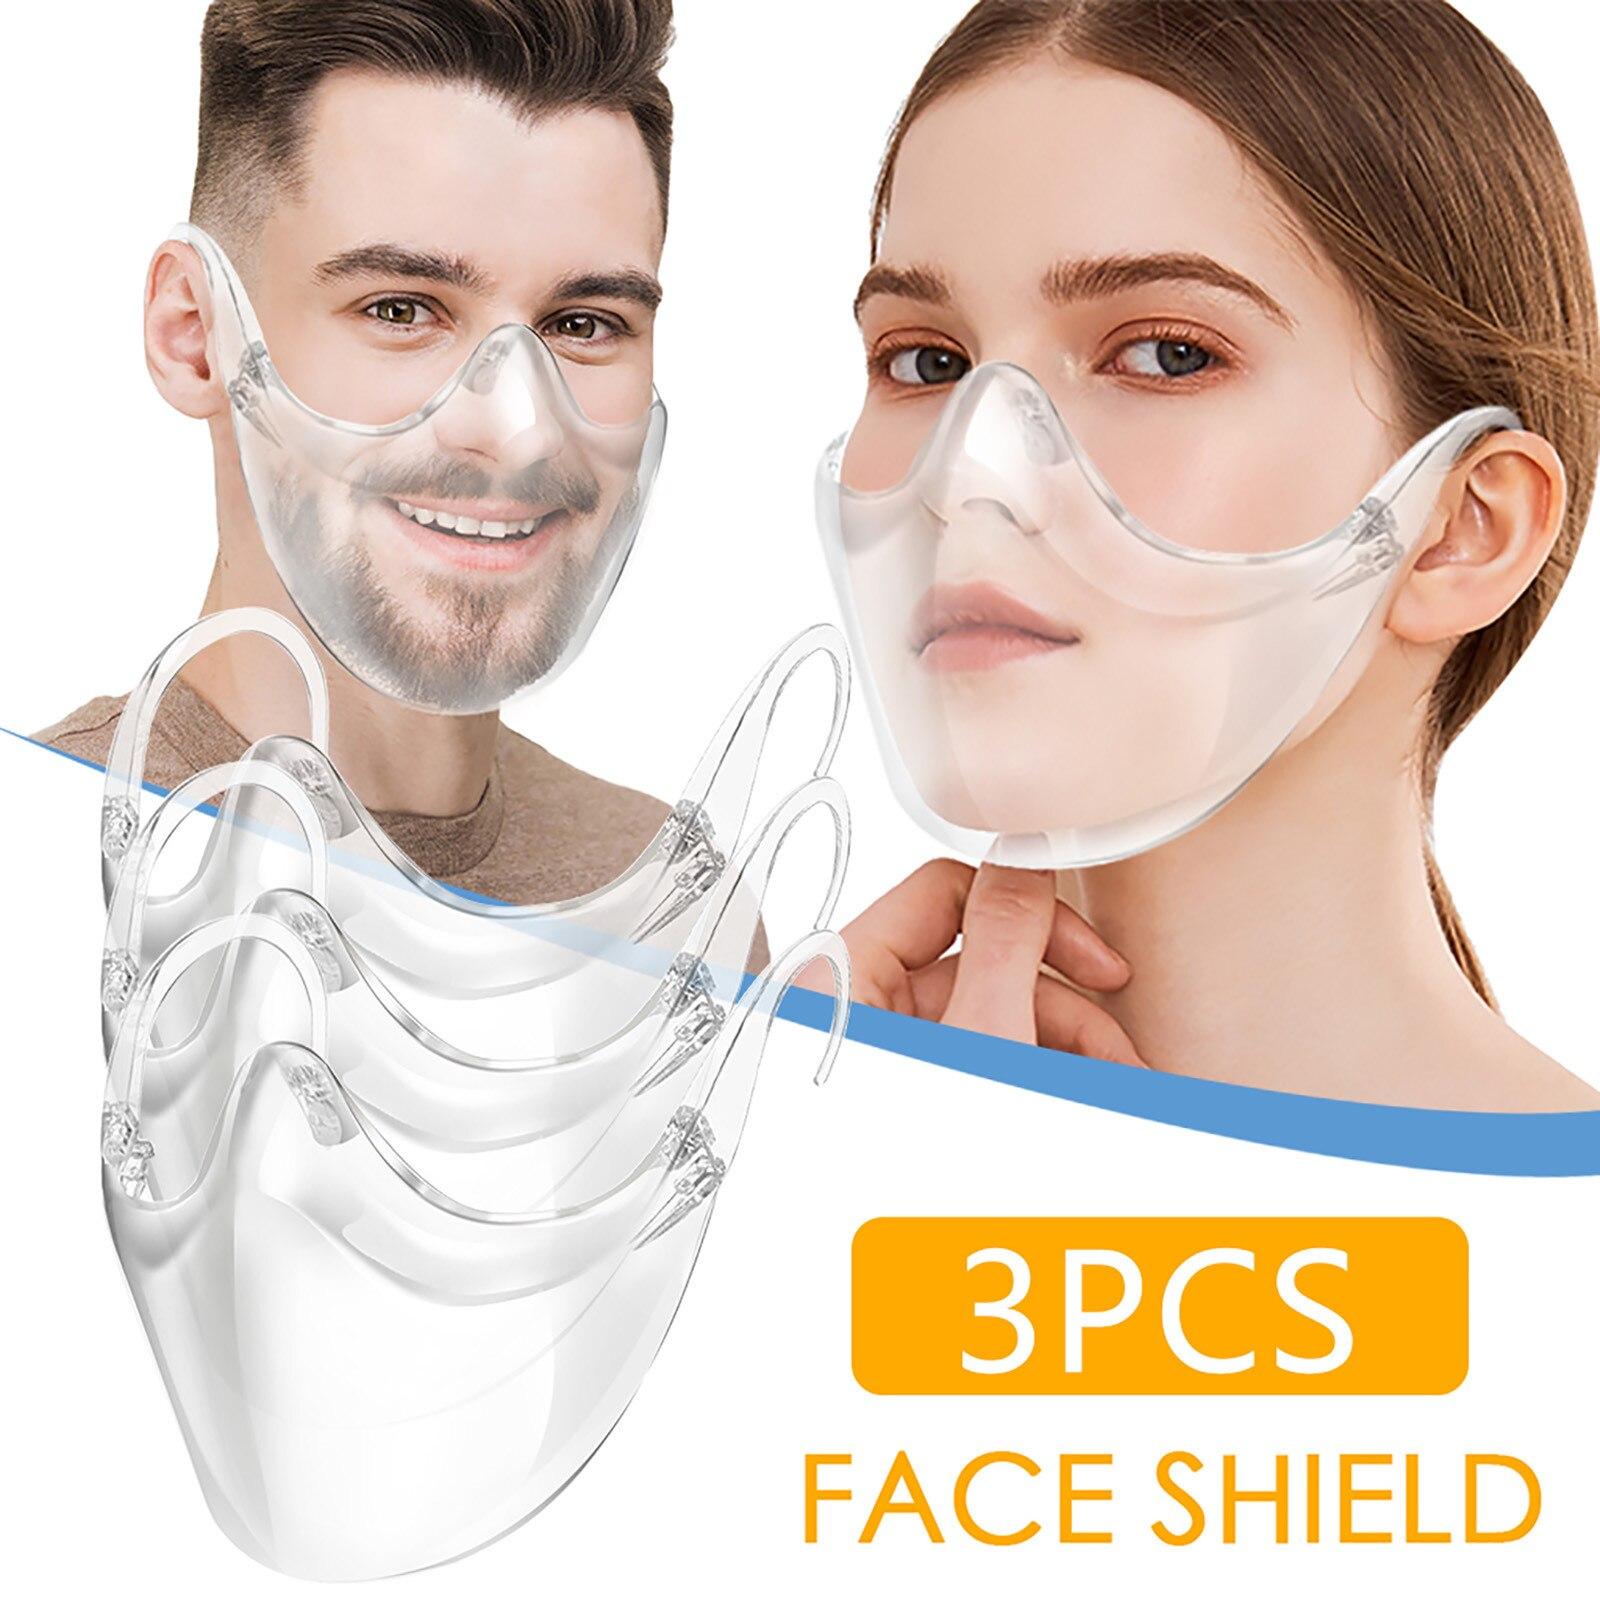 3 шт. прочный уход за кожей лица сочетают в себе Пластик многоразовая прозрачная маска для лица щит модный пыле маски со ртом для лица крышка ...